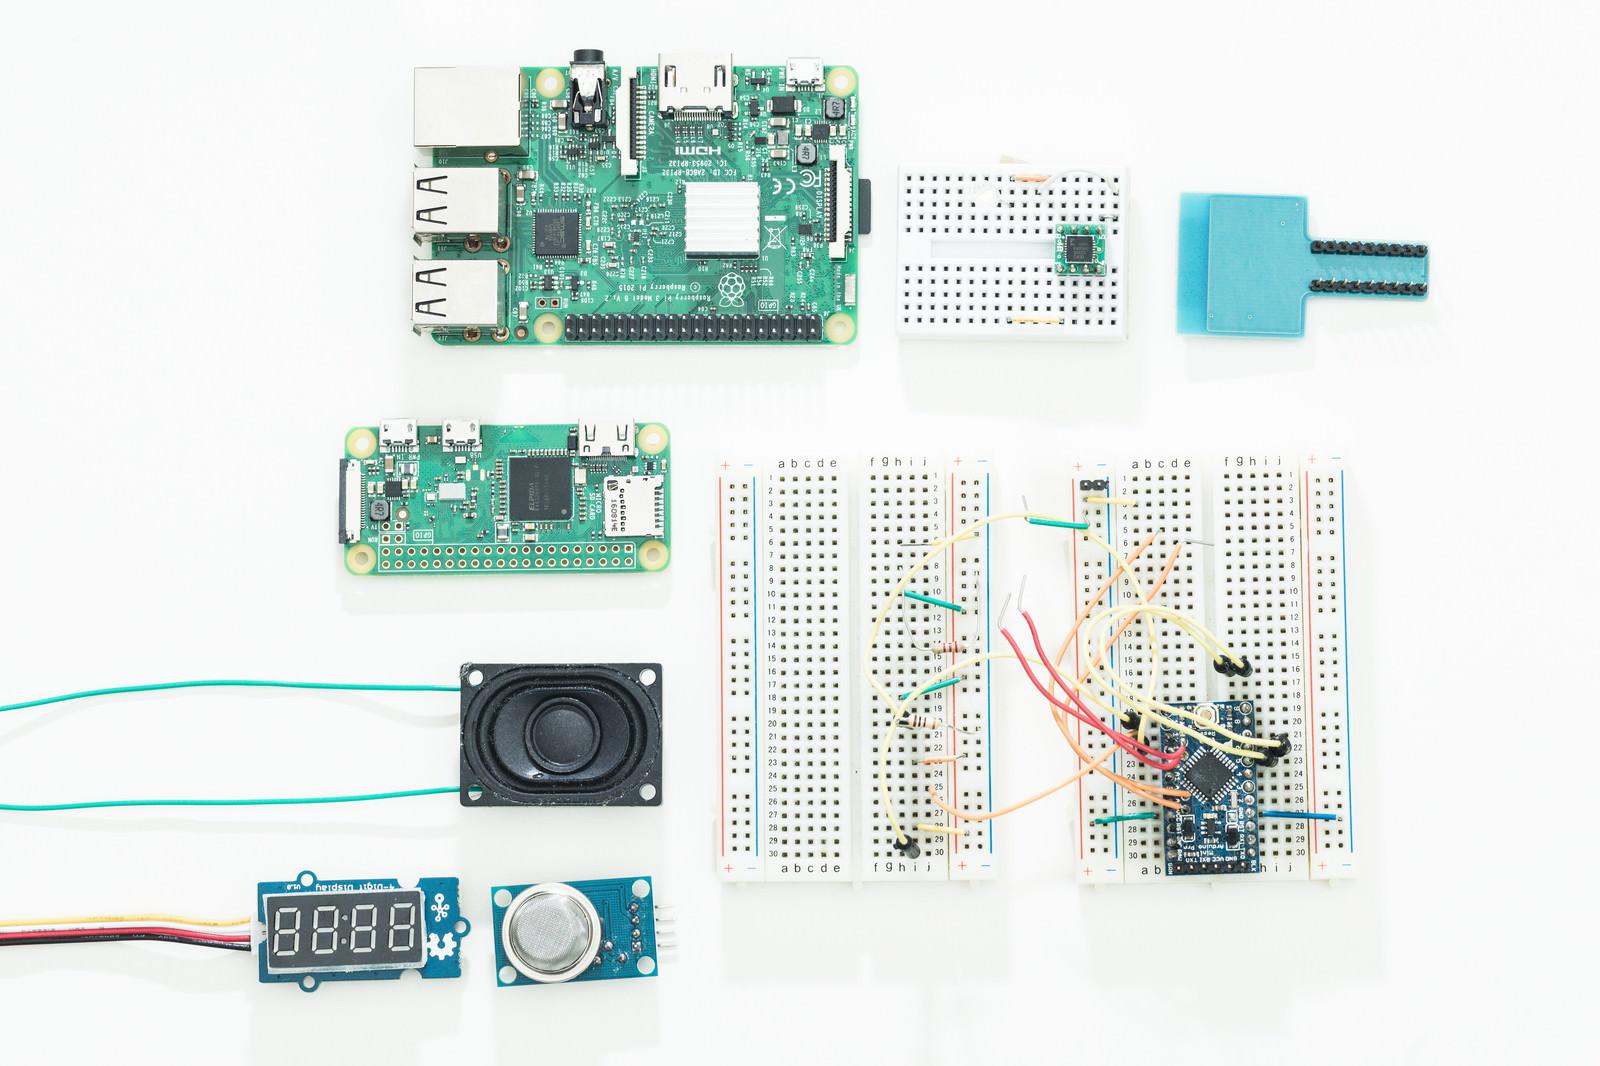 「教育用の小型コンピューター(Raspberry Pi)と電子部品」の写真